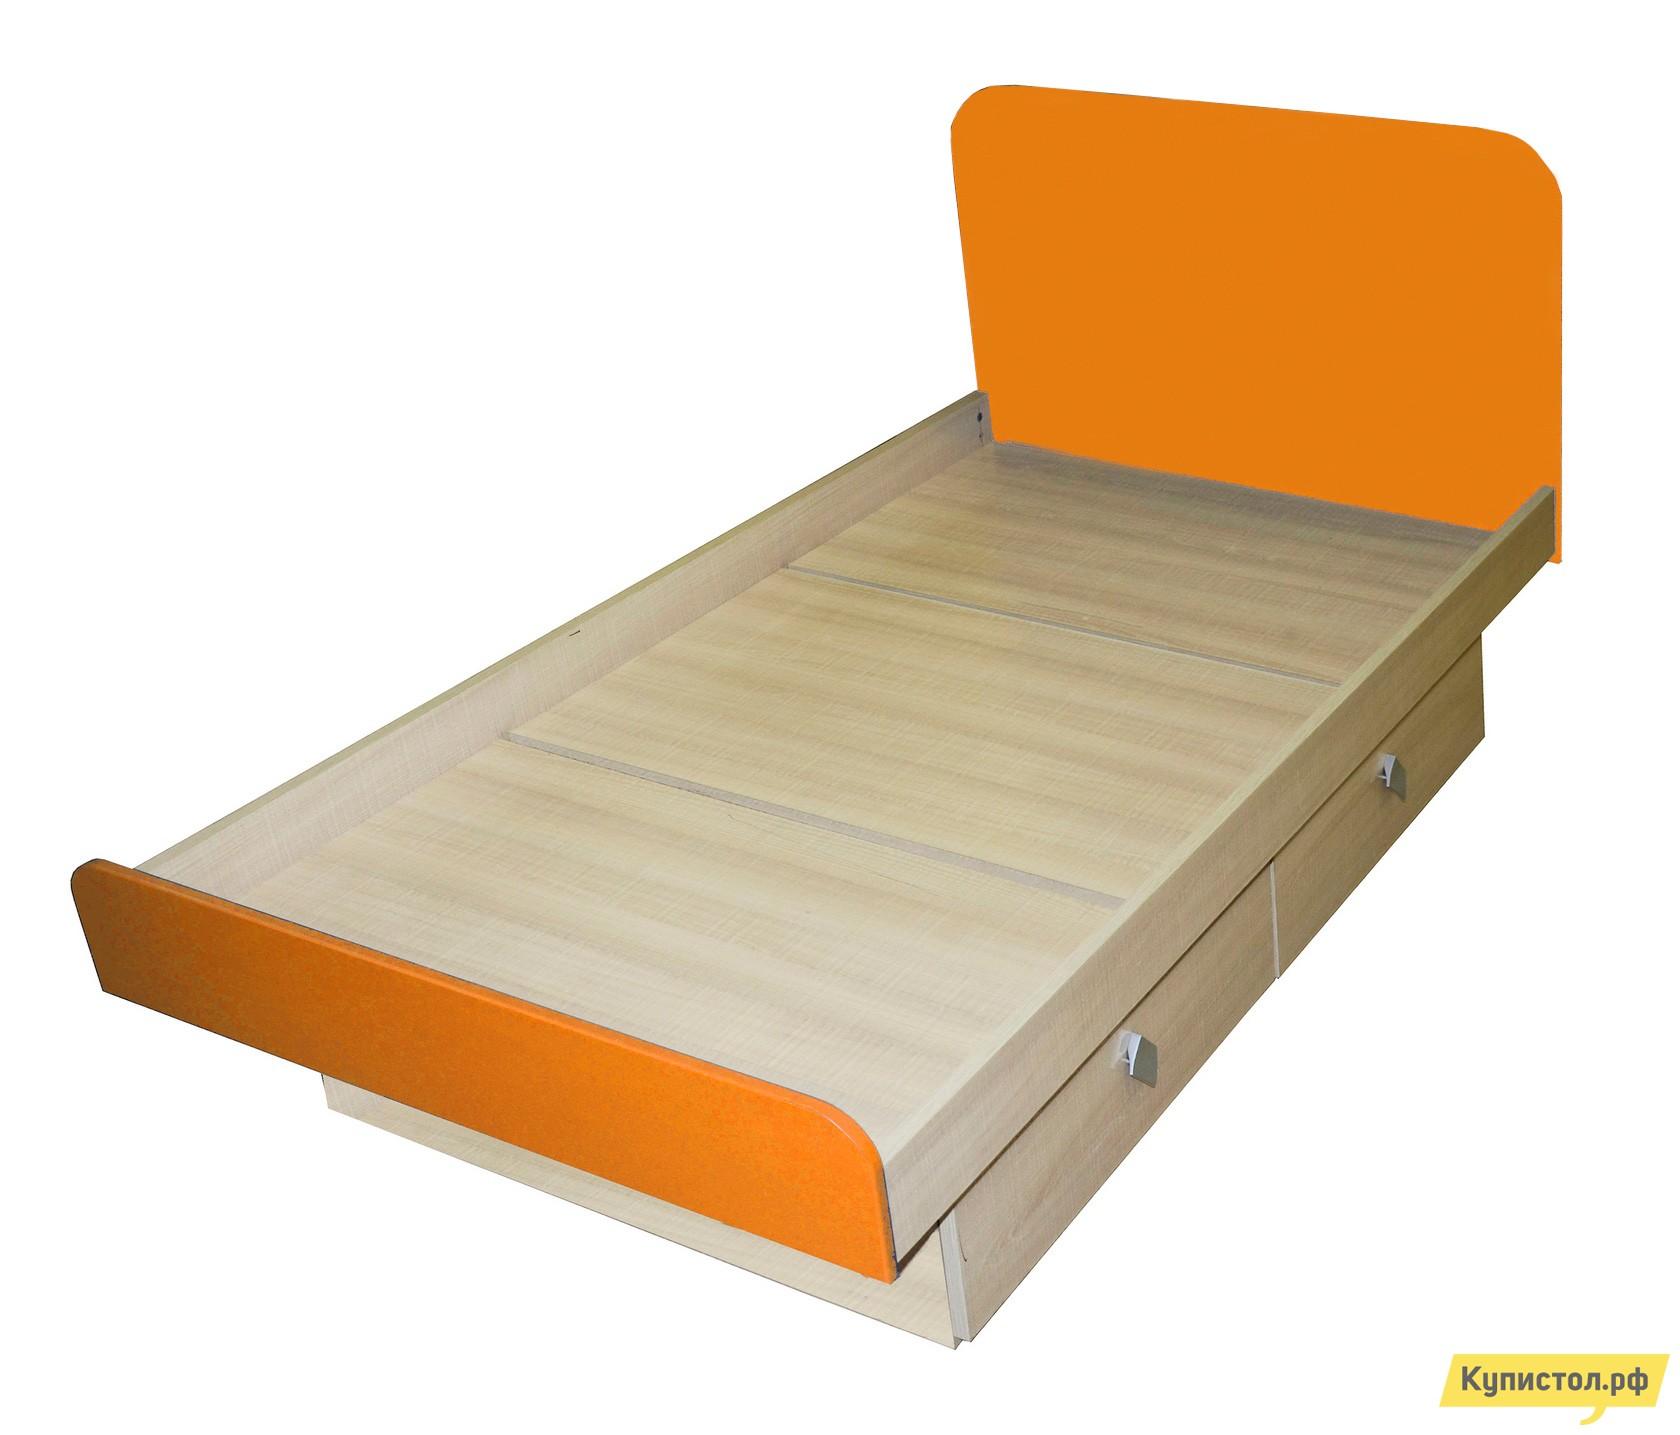 Детская кровать МО РОСТ Жили-были Мадейра / Оранжевый глянец